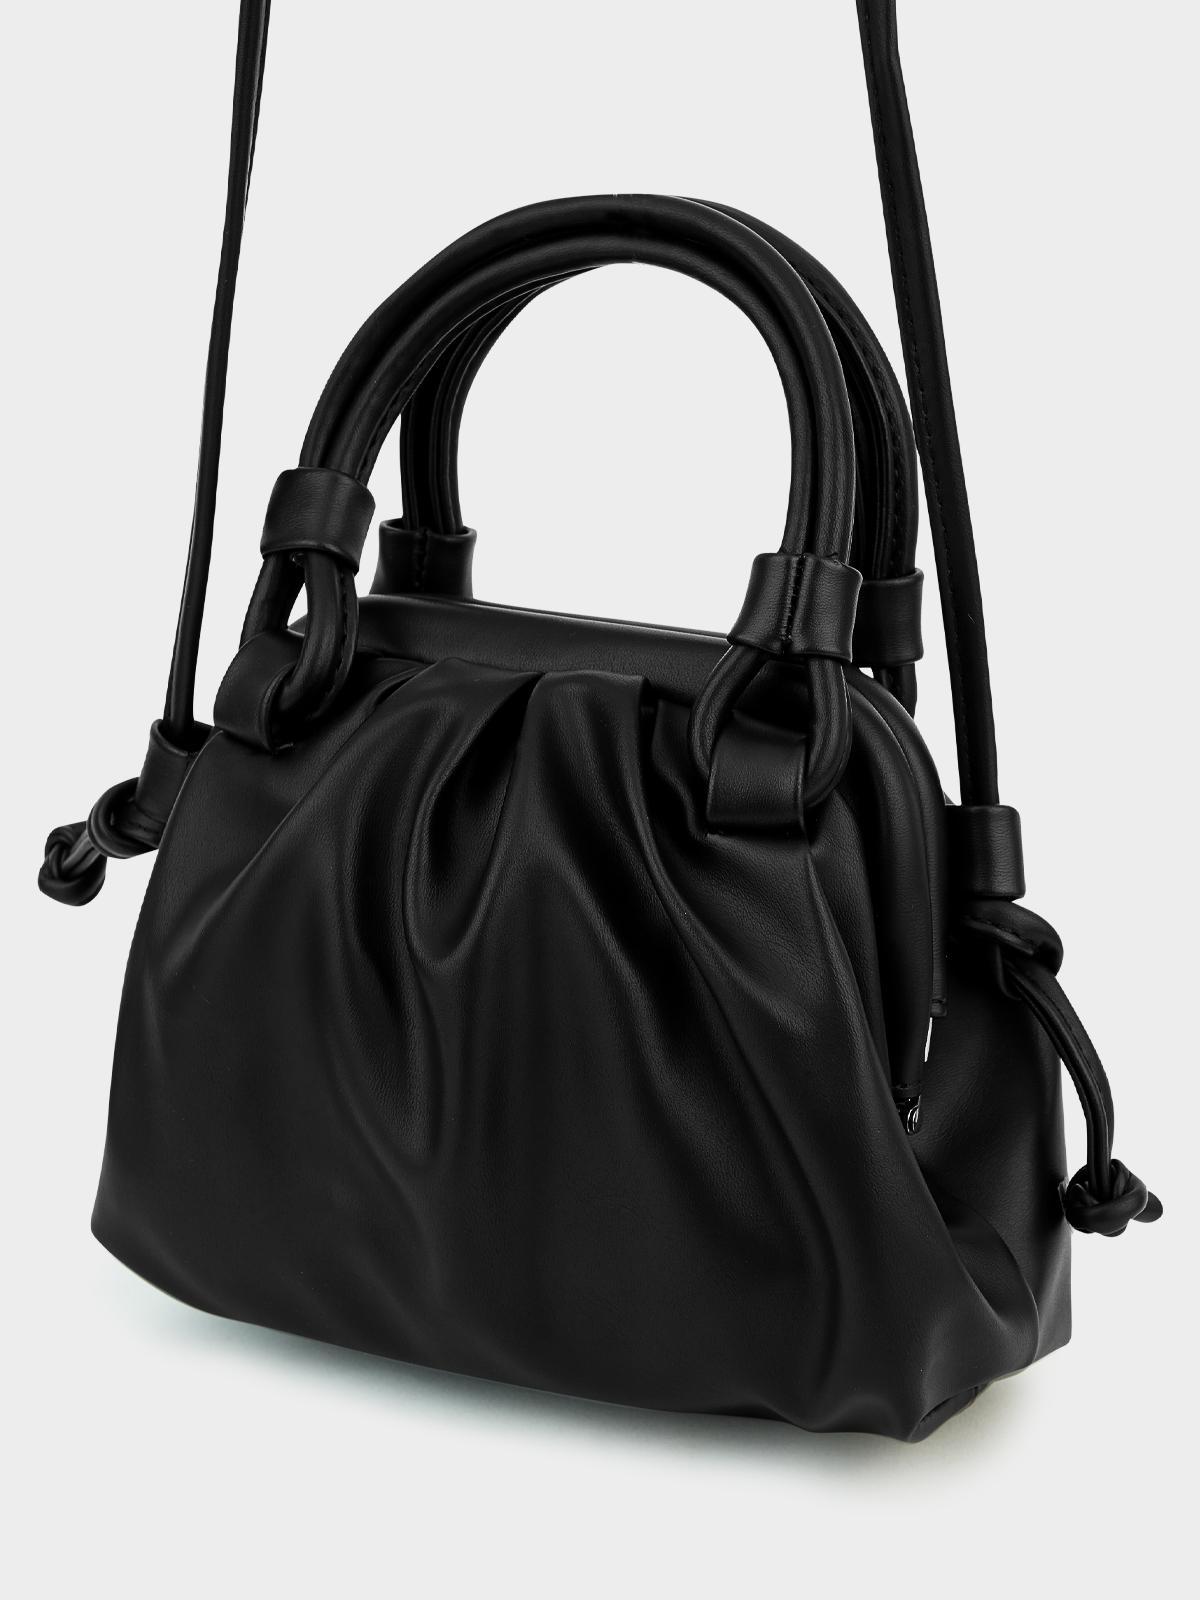 Ruched Strap Bag Black